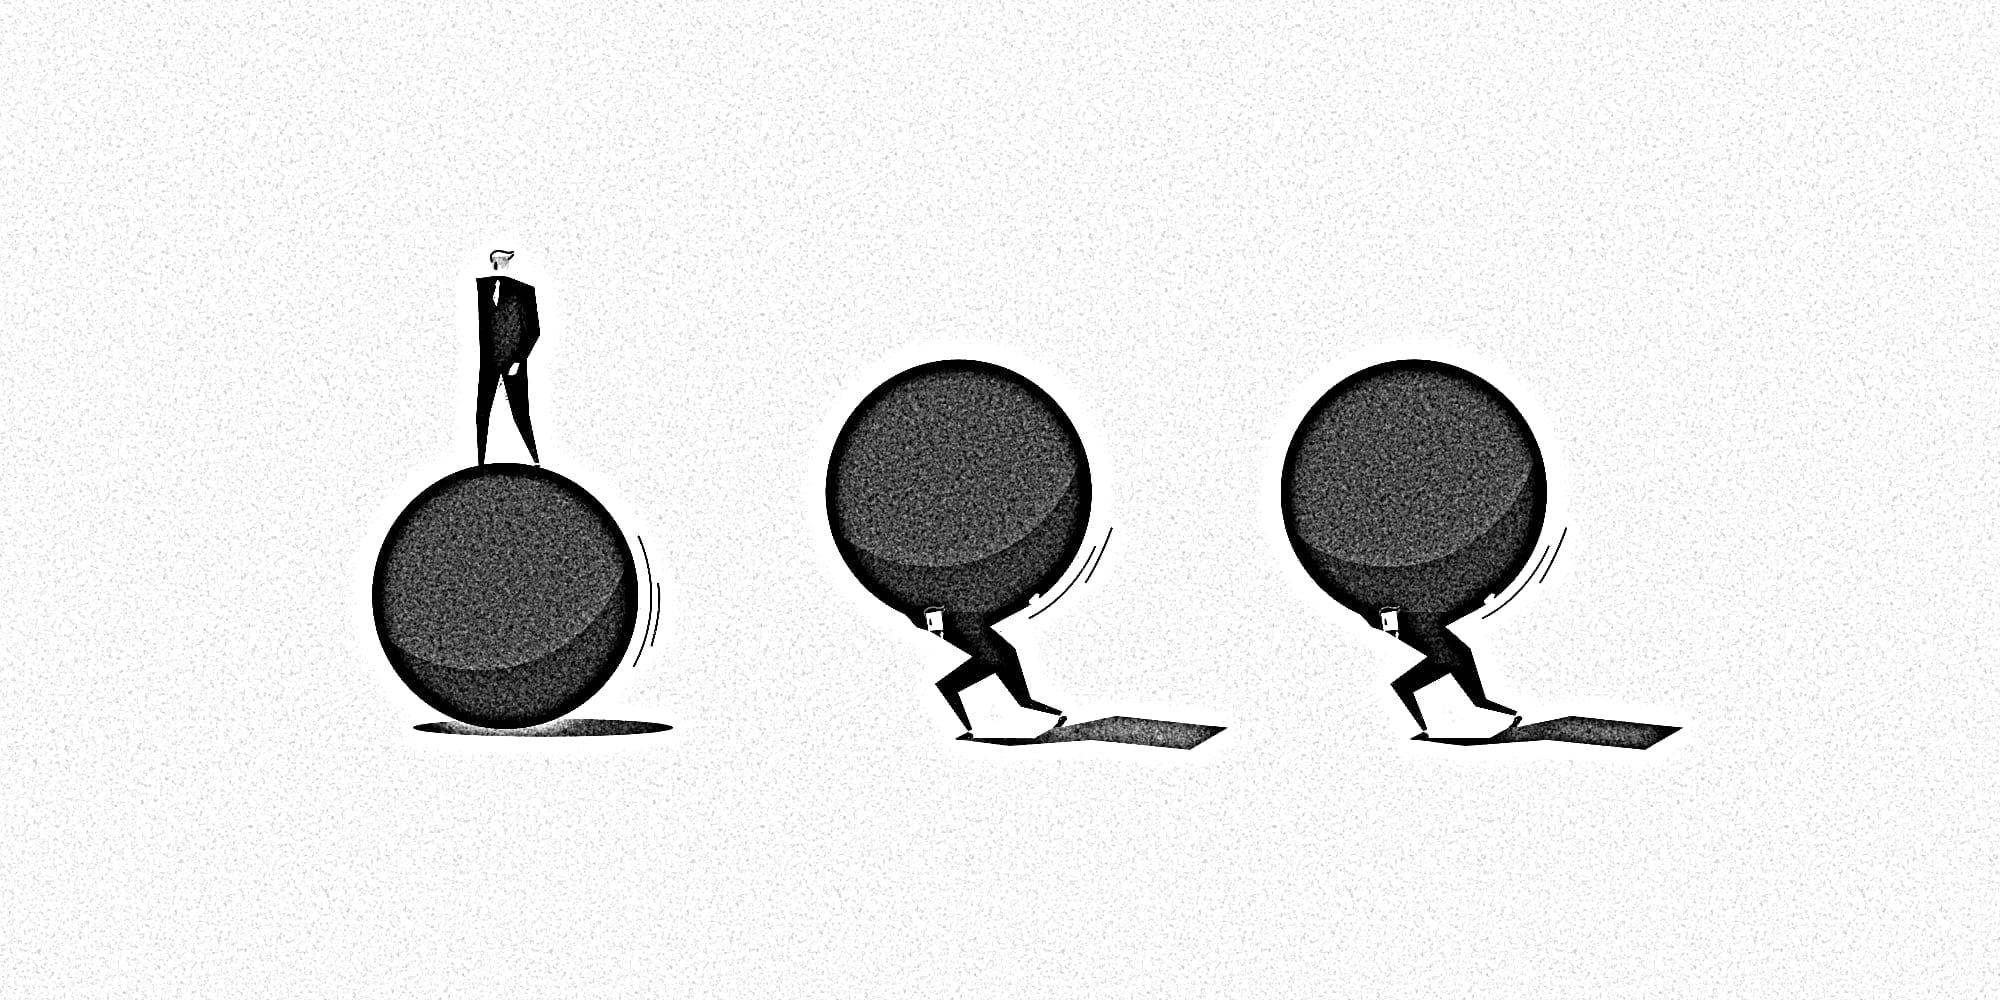 Grafische Darstellung dreier Menschen, einer läuft einer einer großen Kugel, zwei  Menschen tragen schwer an je einer.